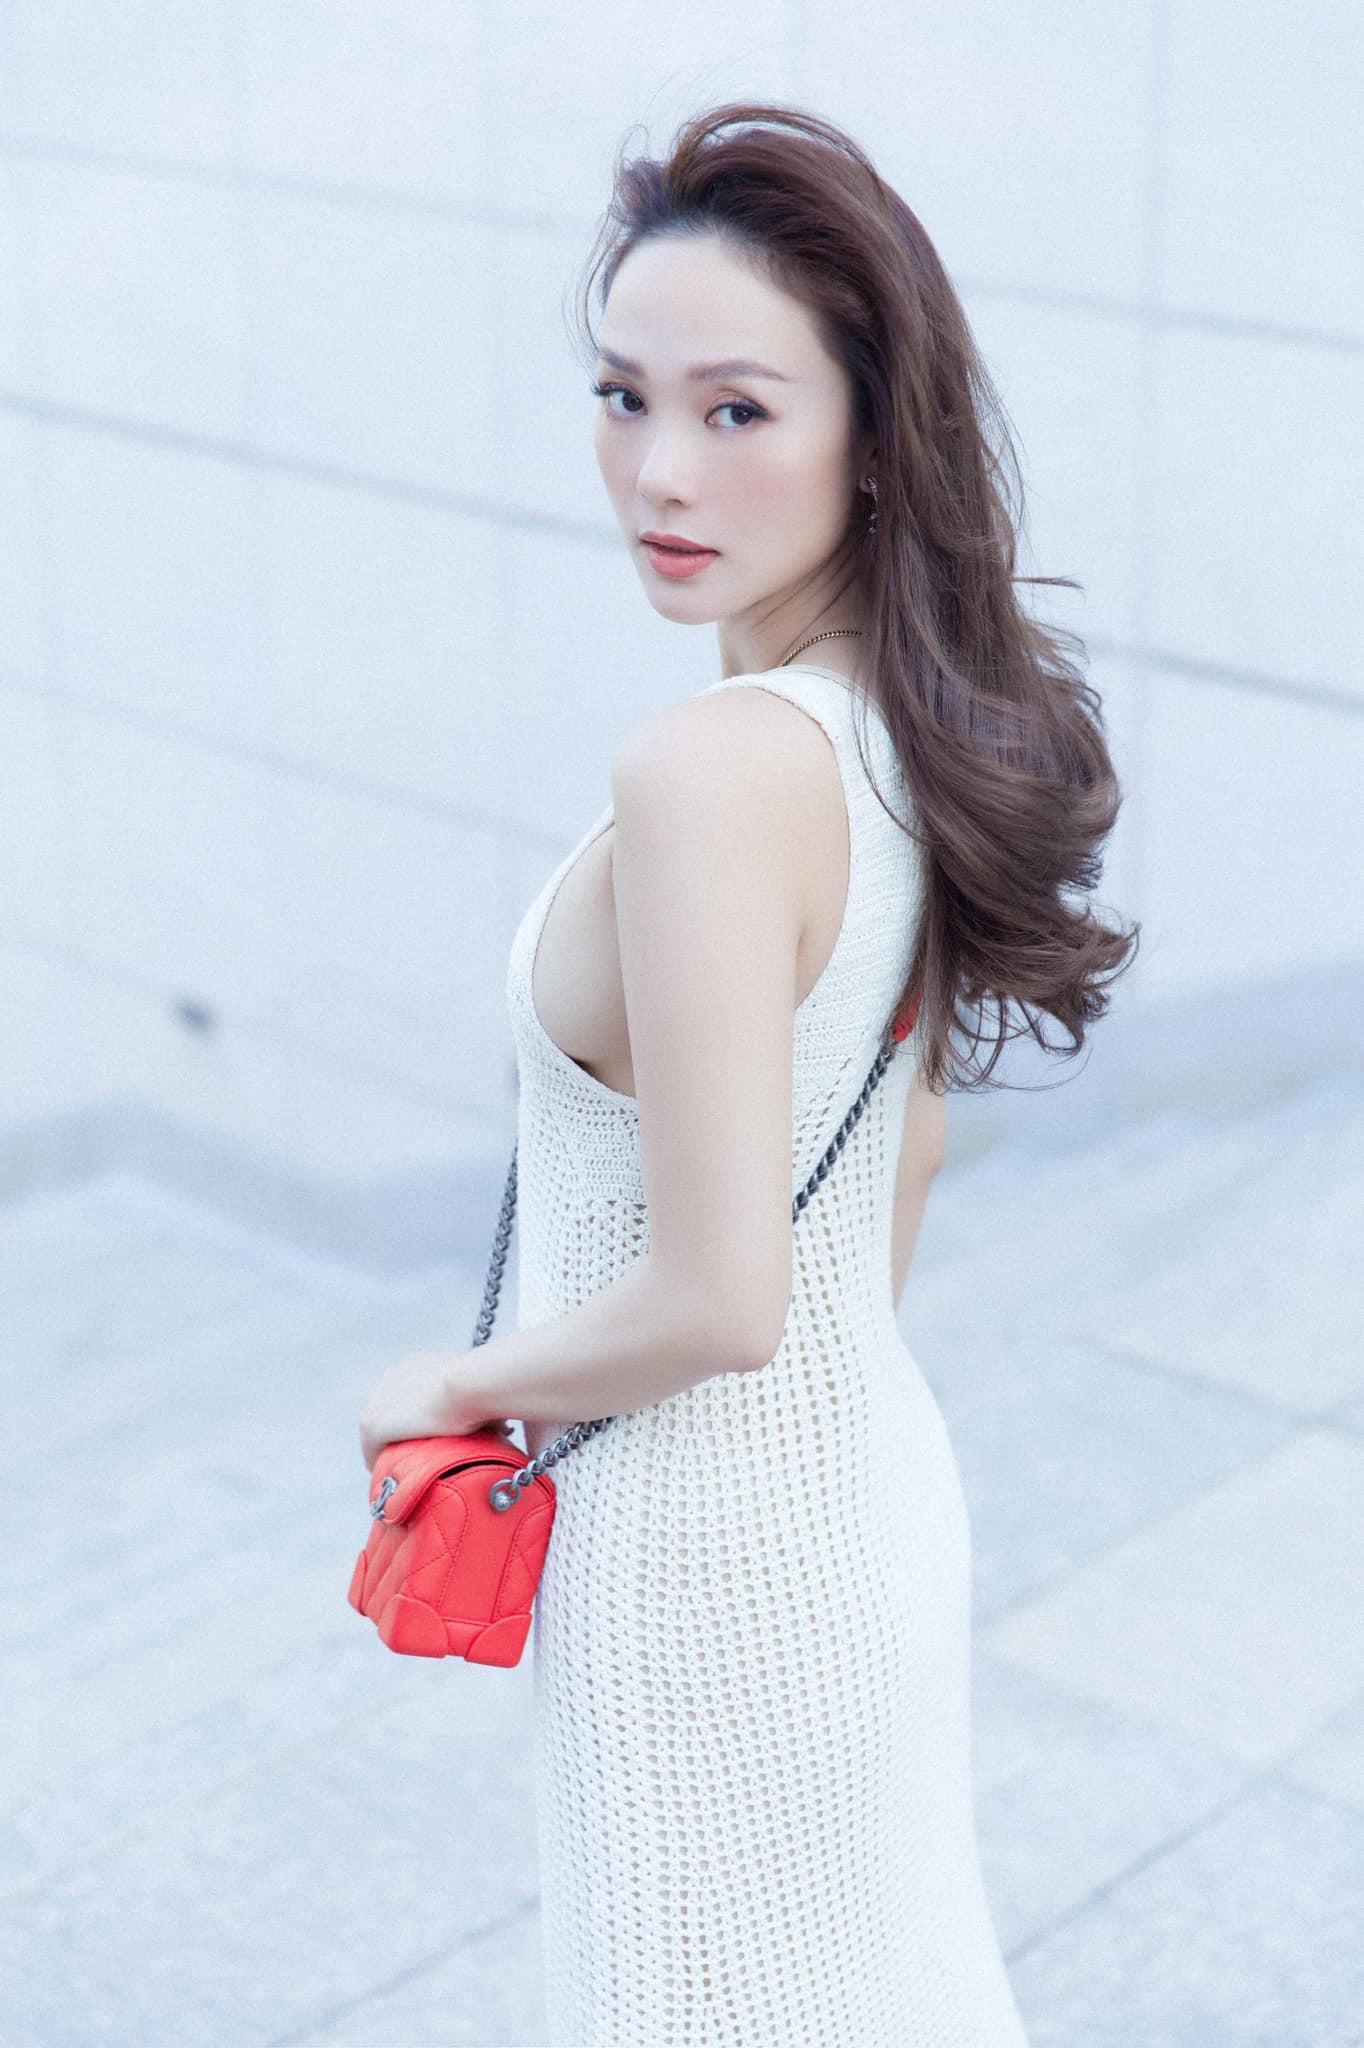 Minh Hằng phối áo len với quần chip giữa mùa nóng bức, trẻ xinh nõn nà như thiếu nữ - hình ảnh 4